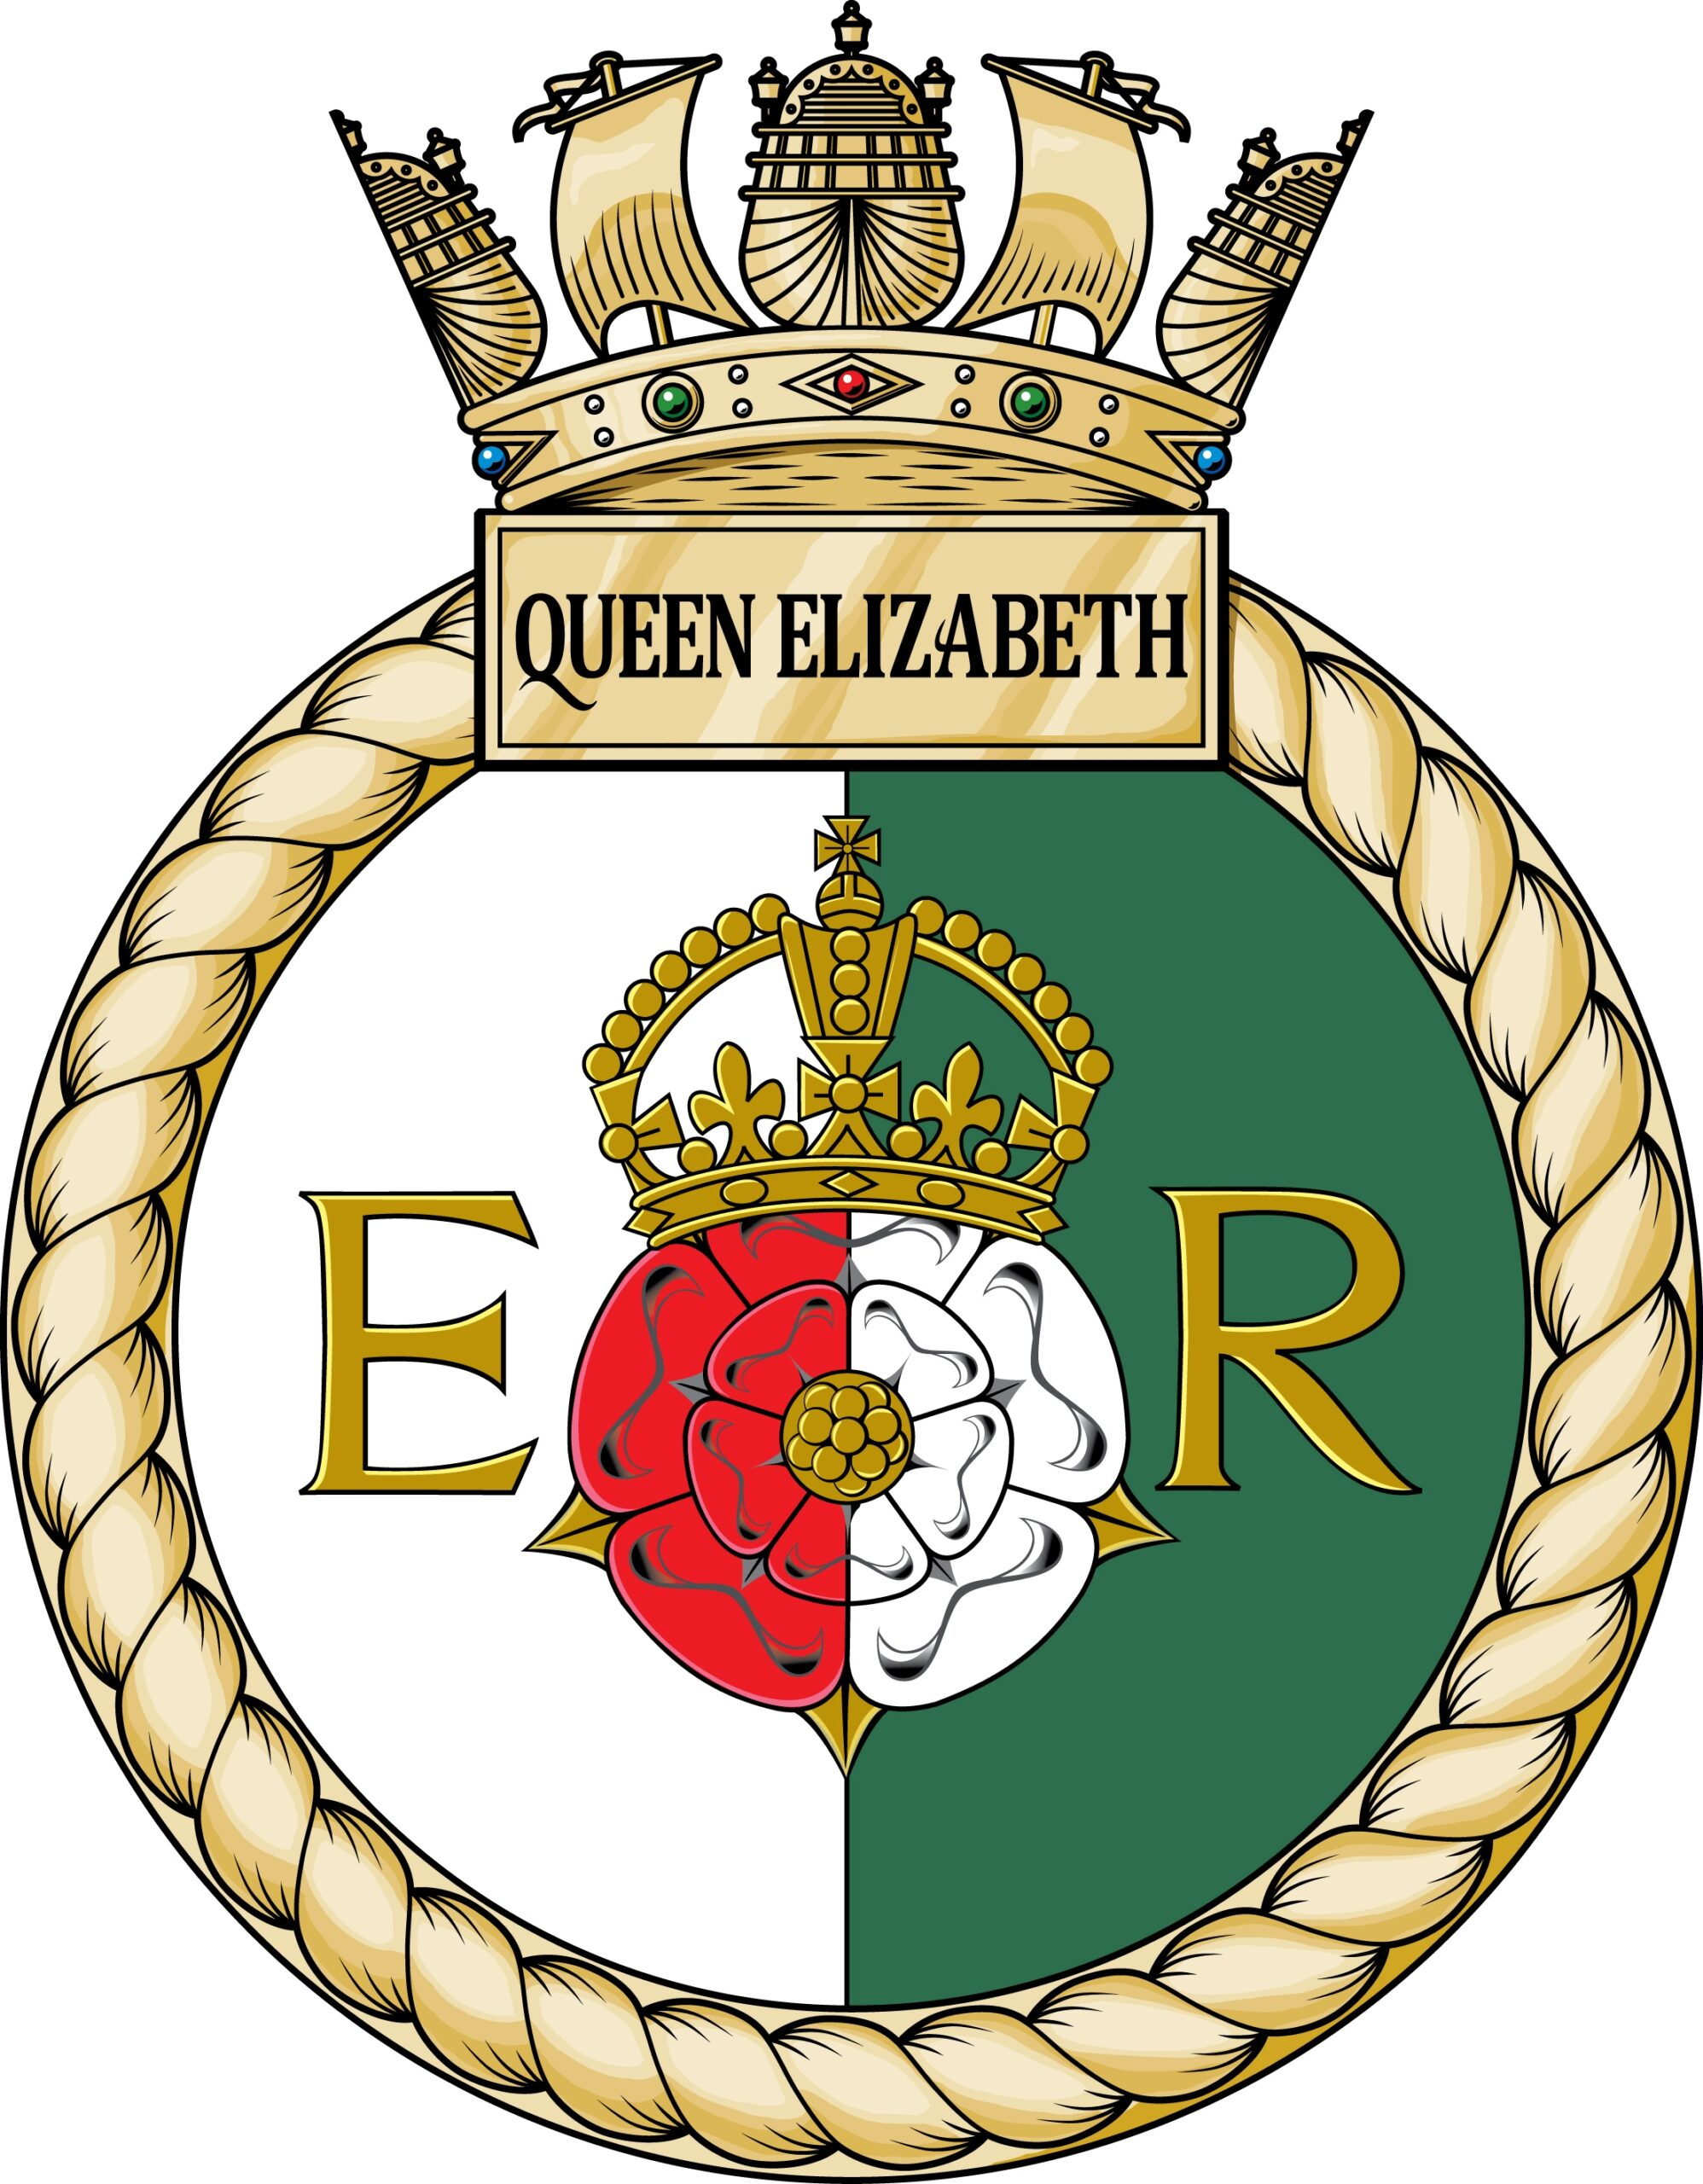 HMSQueenElizabethCresthighres